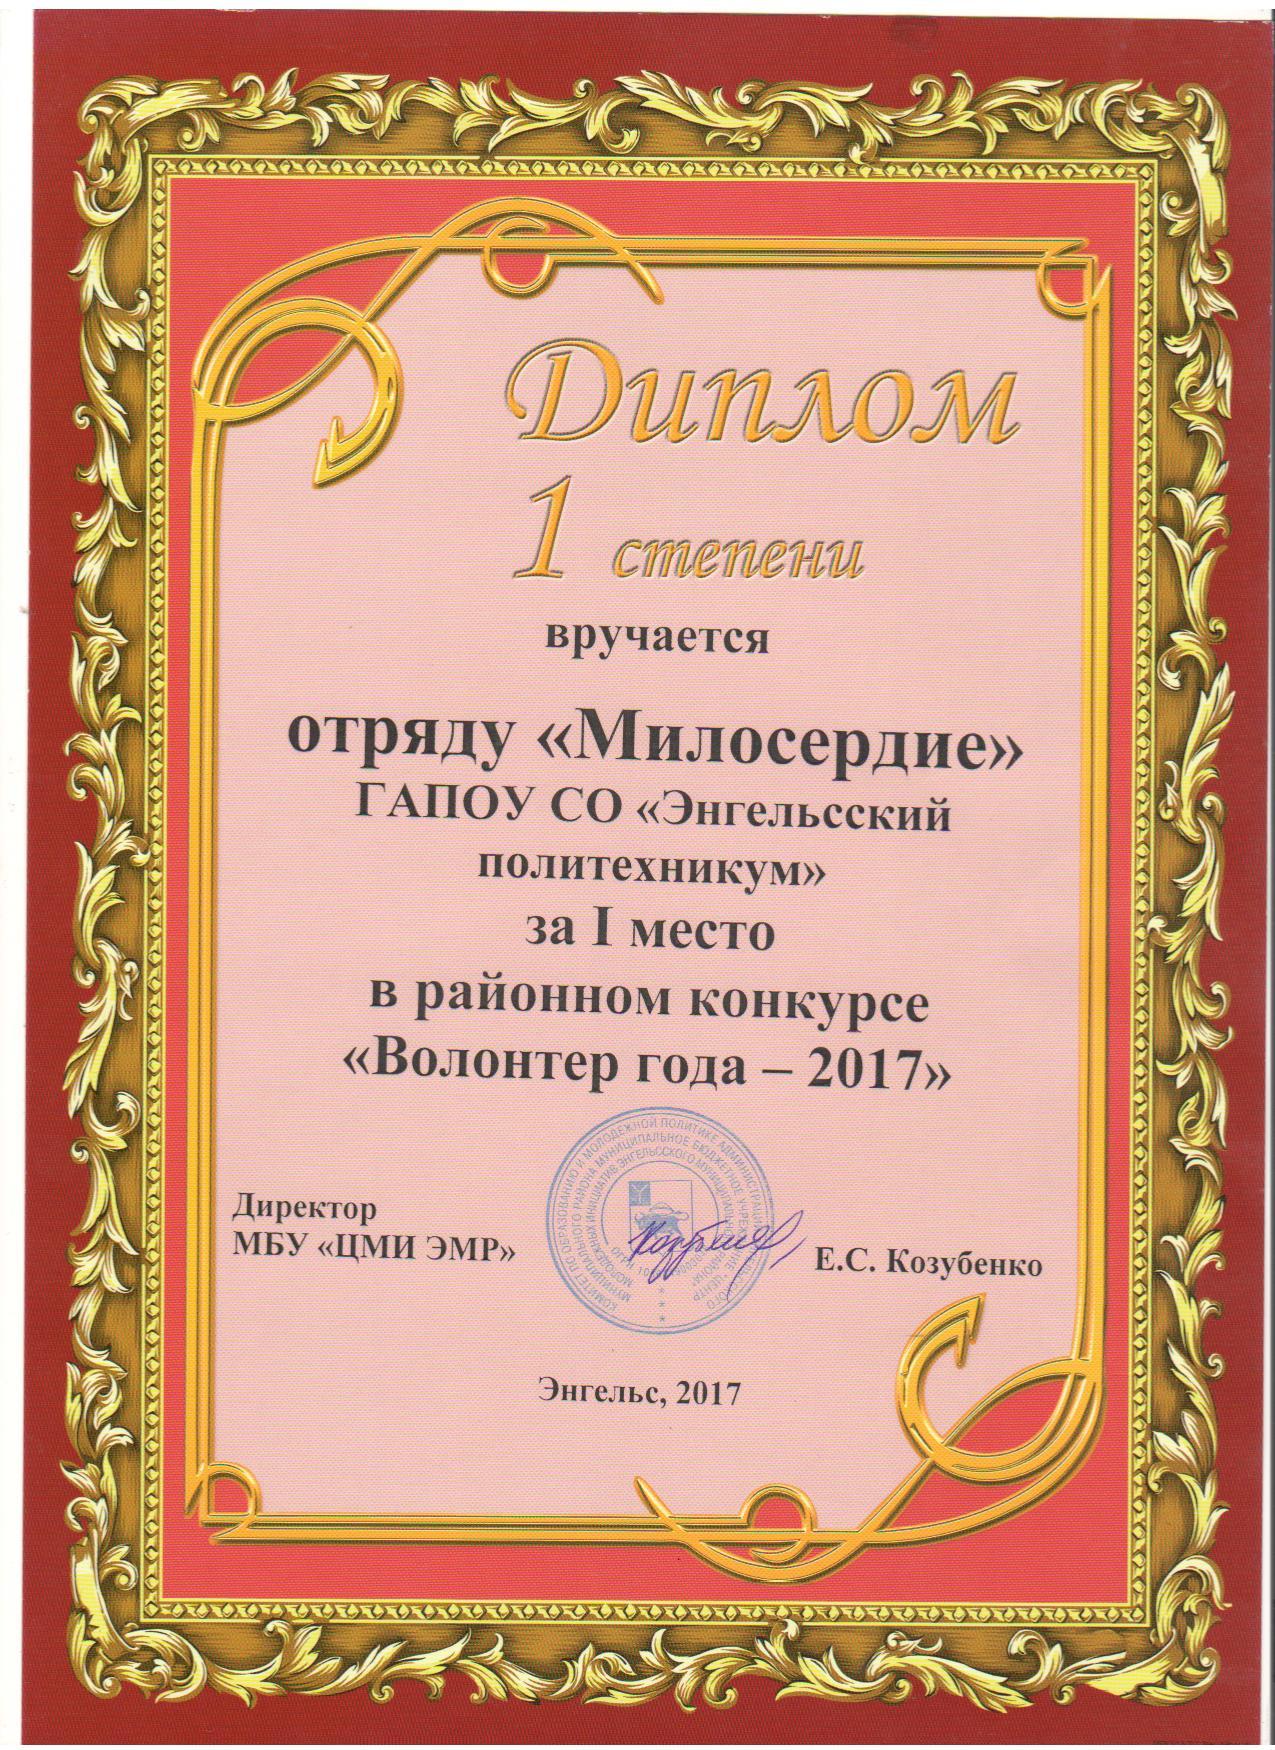 http://politehnikum-eng.ru/2018/01_30/85.jpg